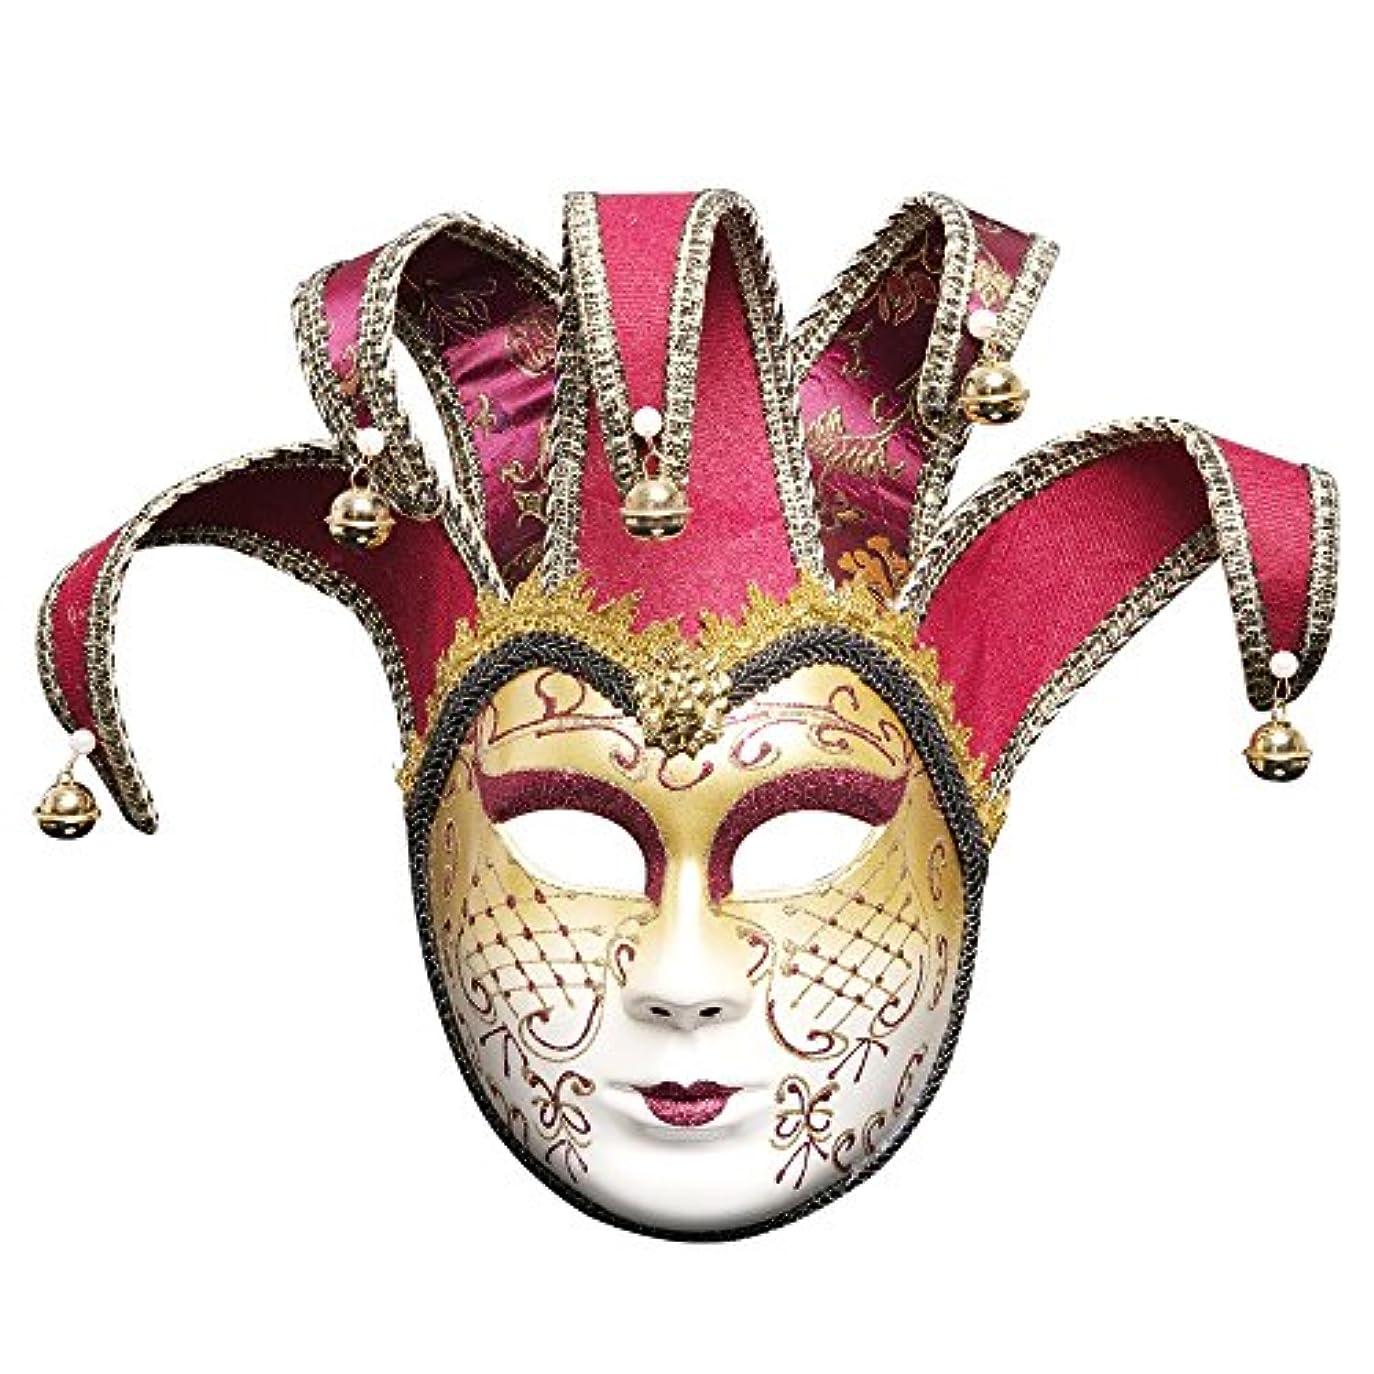 閉じ込める密接に火山学ハロウィンボールパーティーマスククリスマスクリエイティブ新しいフルフェイスメイクアップマスク (Color : A)